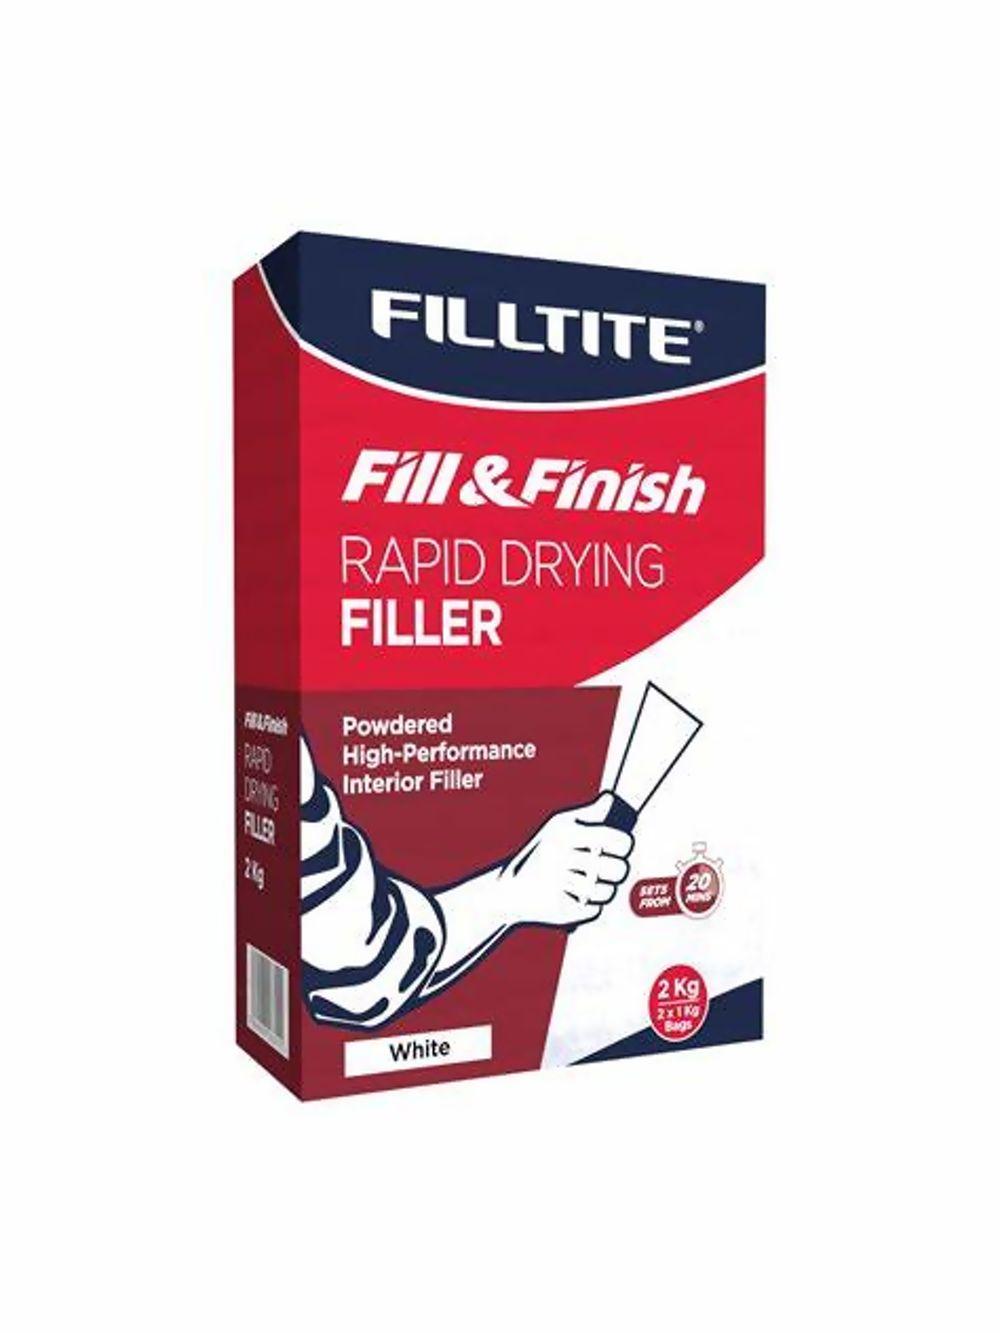 Filltite Fill & Finish Rapid-Drying Filler Ref F18355